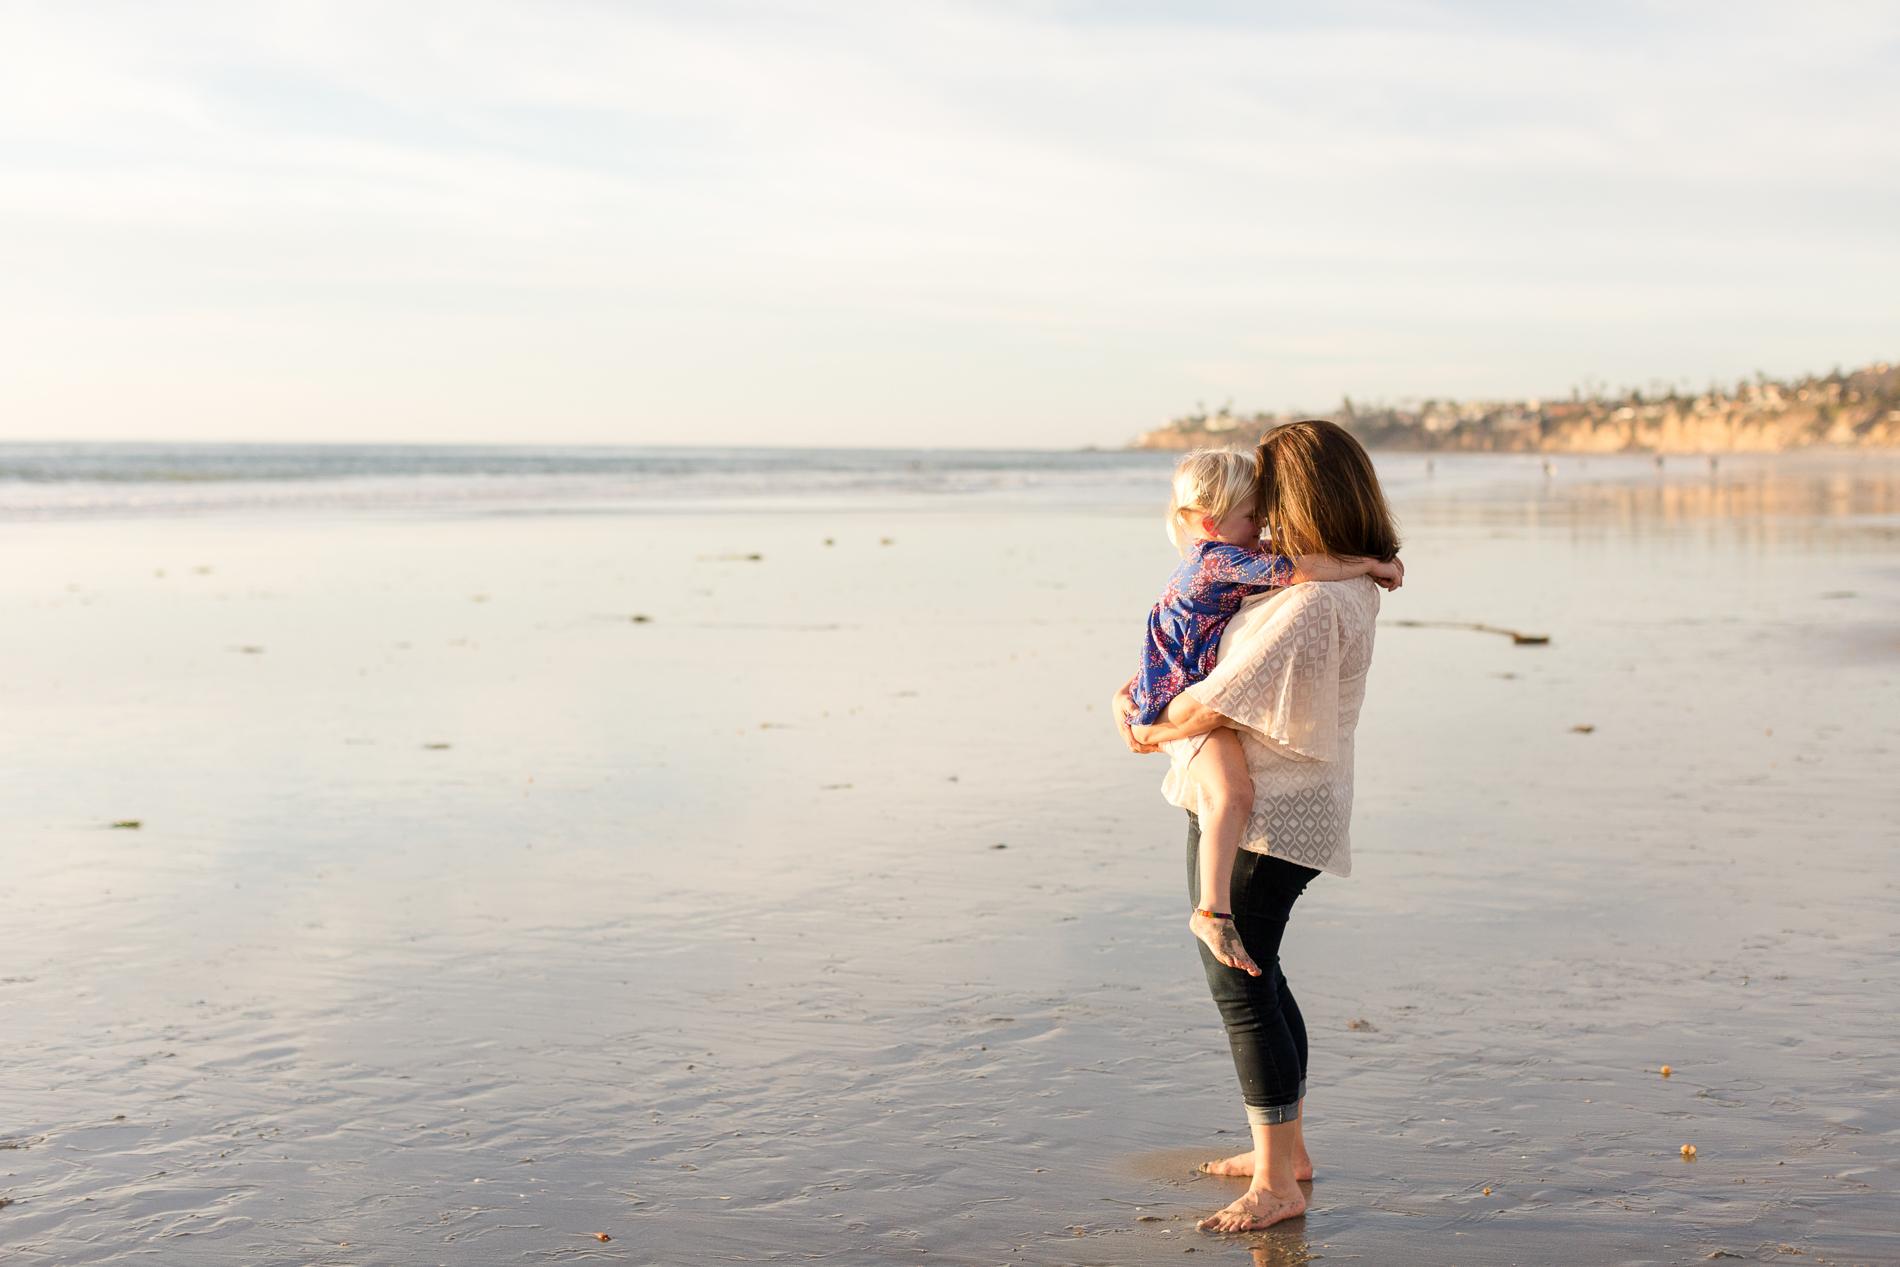 San Diego Family Photographer Beach Crystal Pier Christine Dammann Photography WS HF-11.jpg